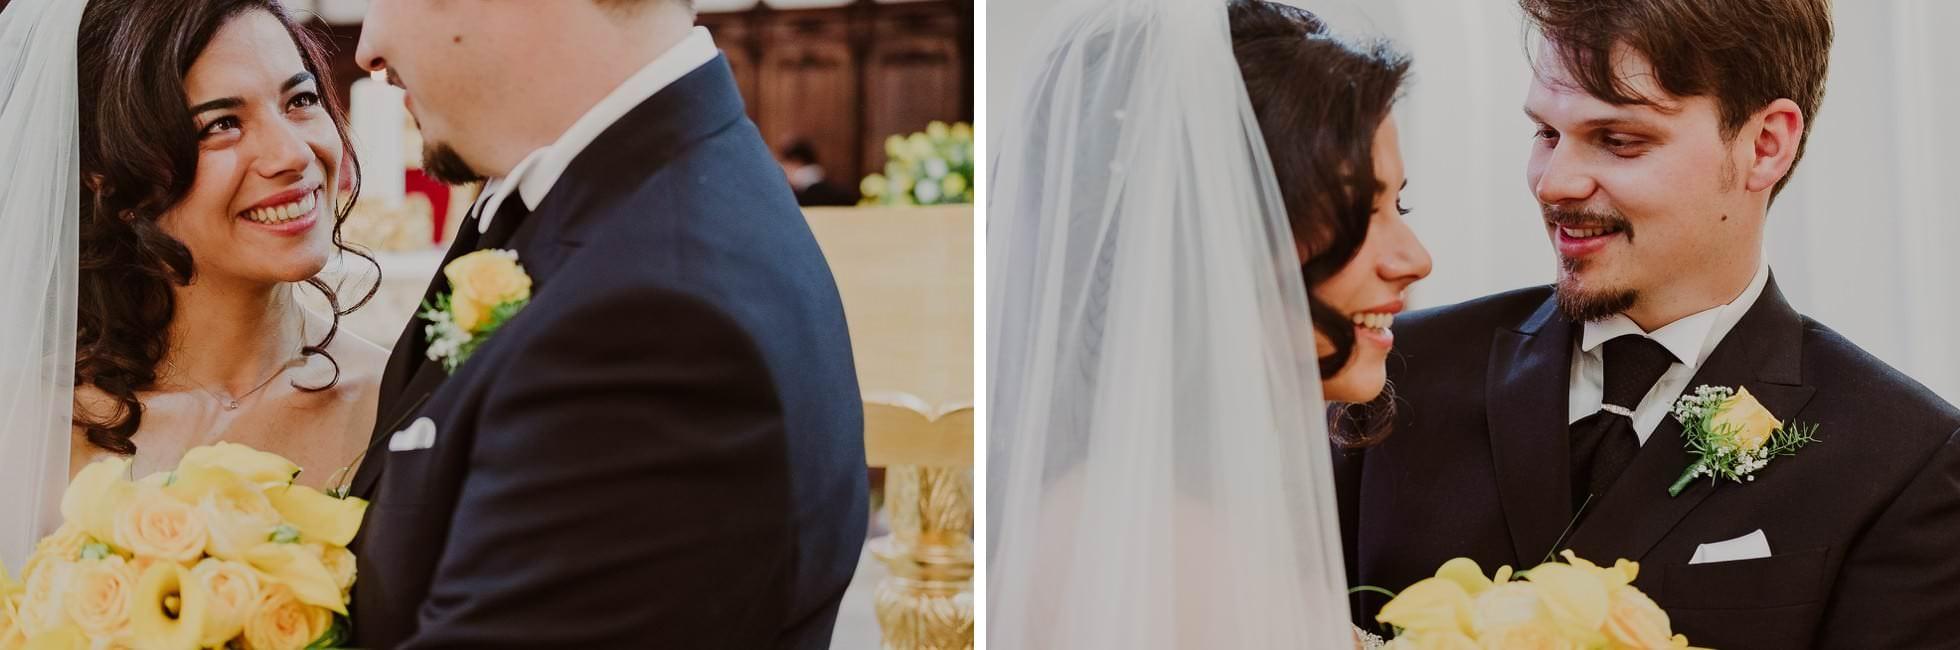 fotografo matrimonio San Pietro al Tanagro